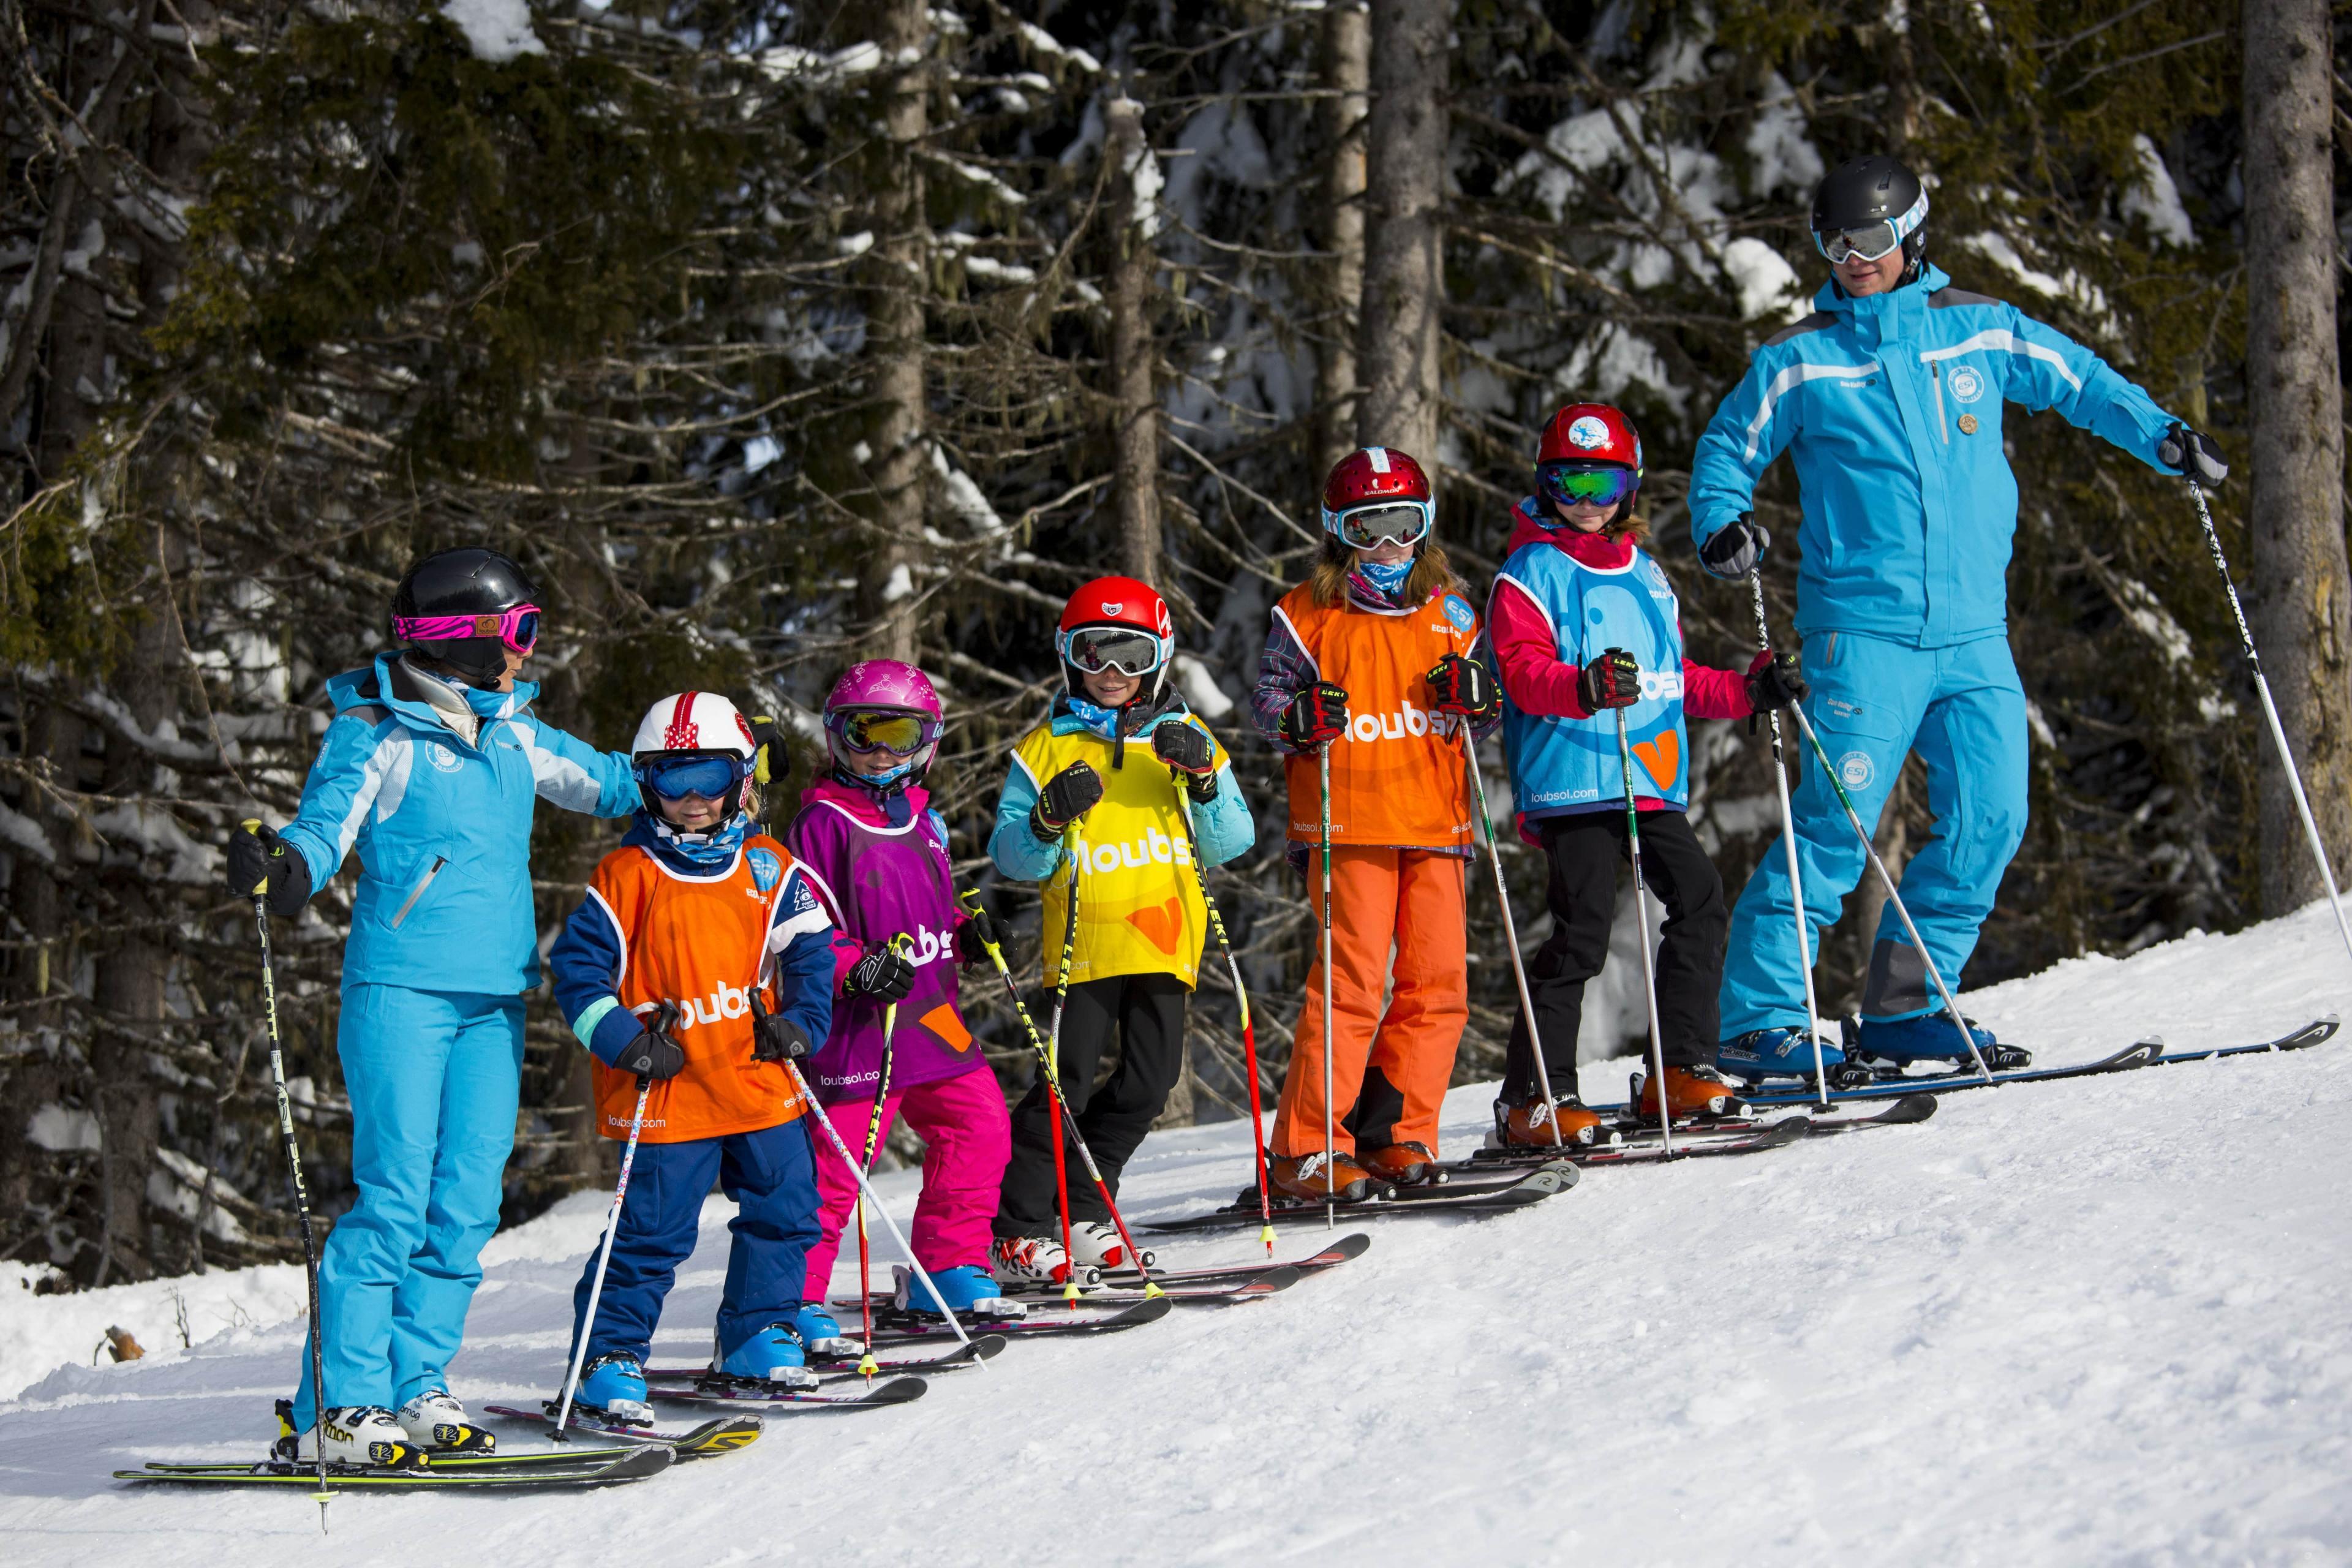 Cours de ski pour Enfants (6-17 ans) - Basse saison